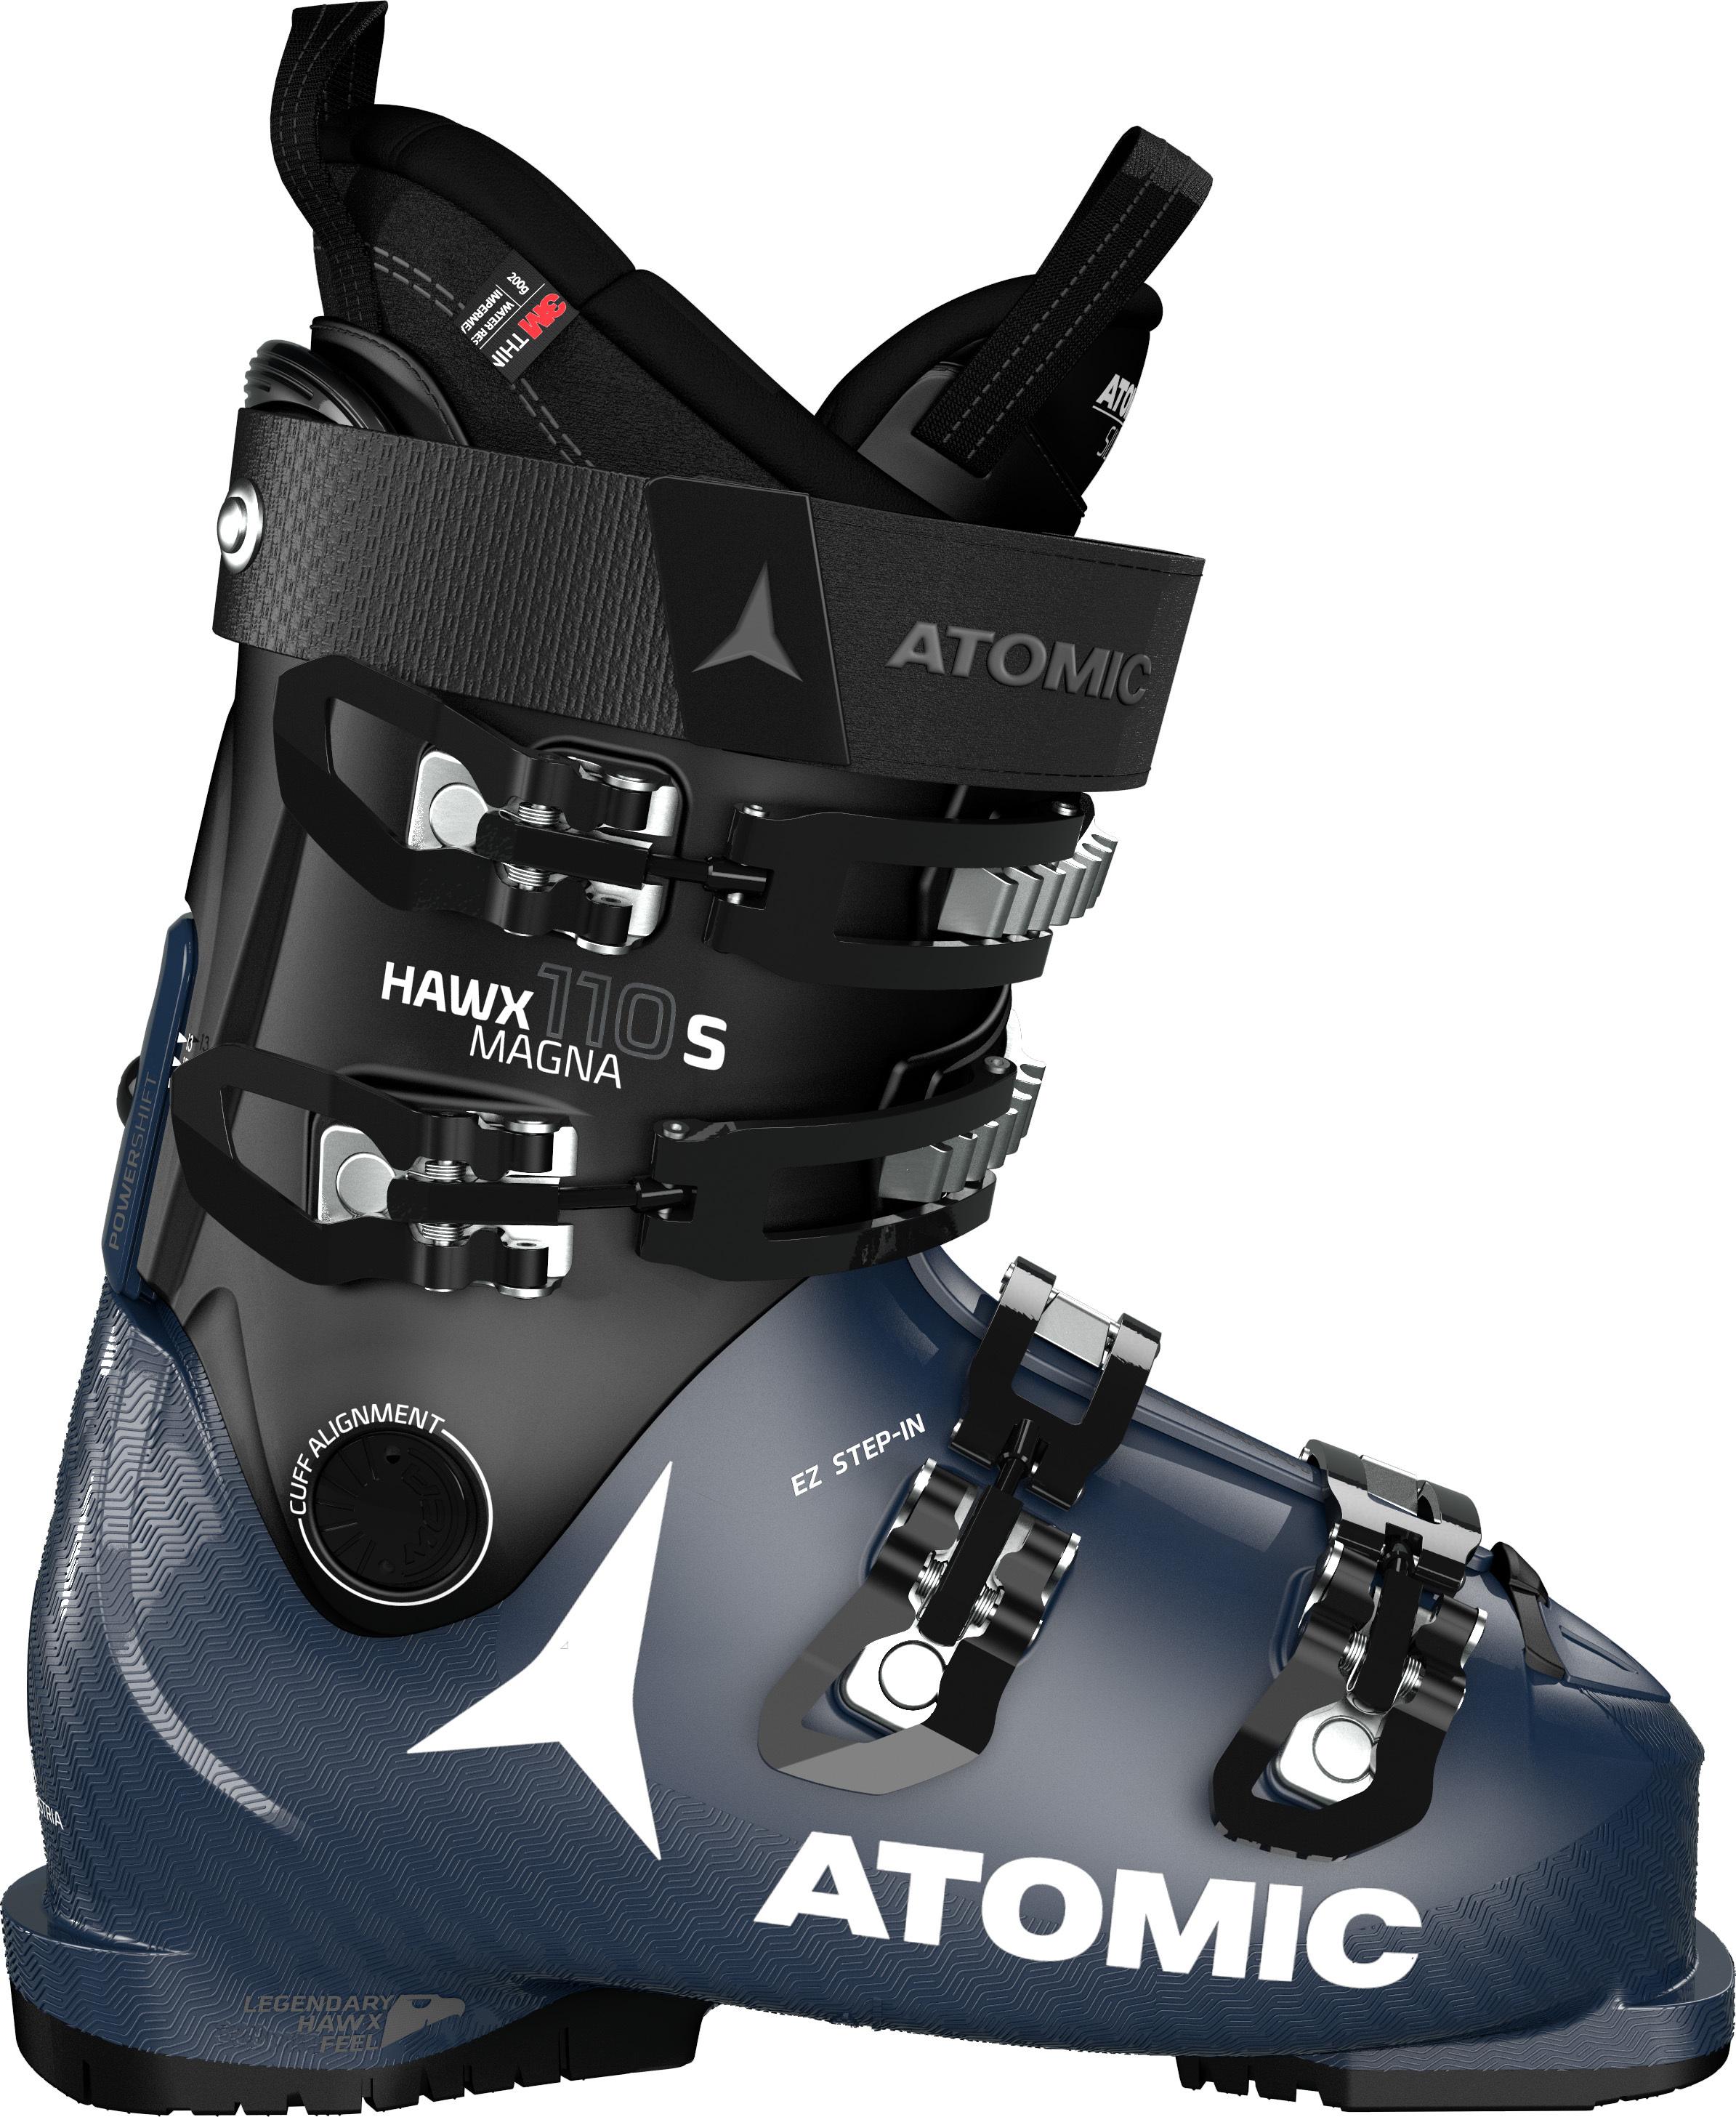 Atomic Hawx Magna 110 S 20/21 Velikost: 29/29,5